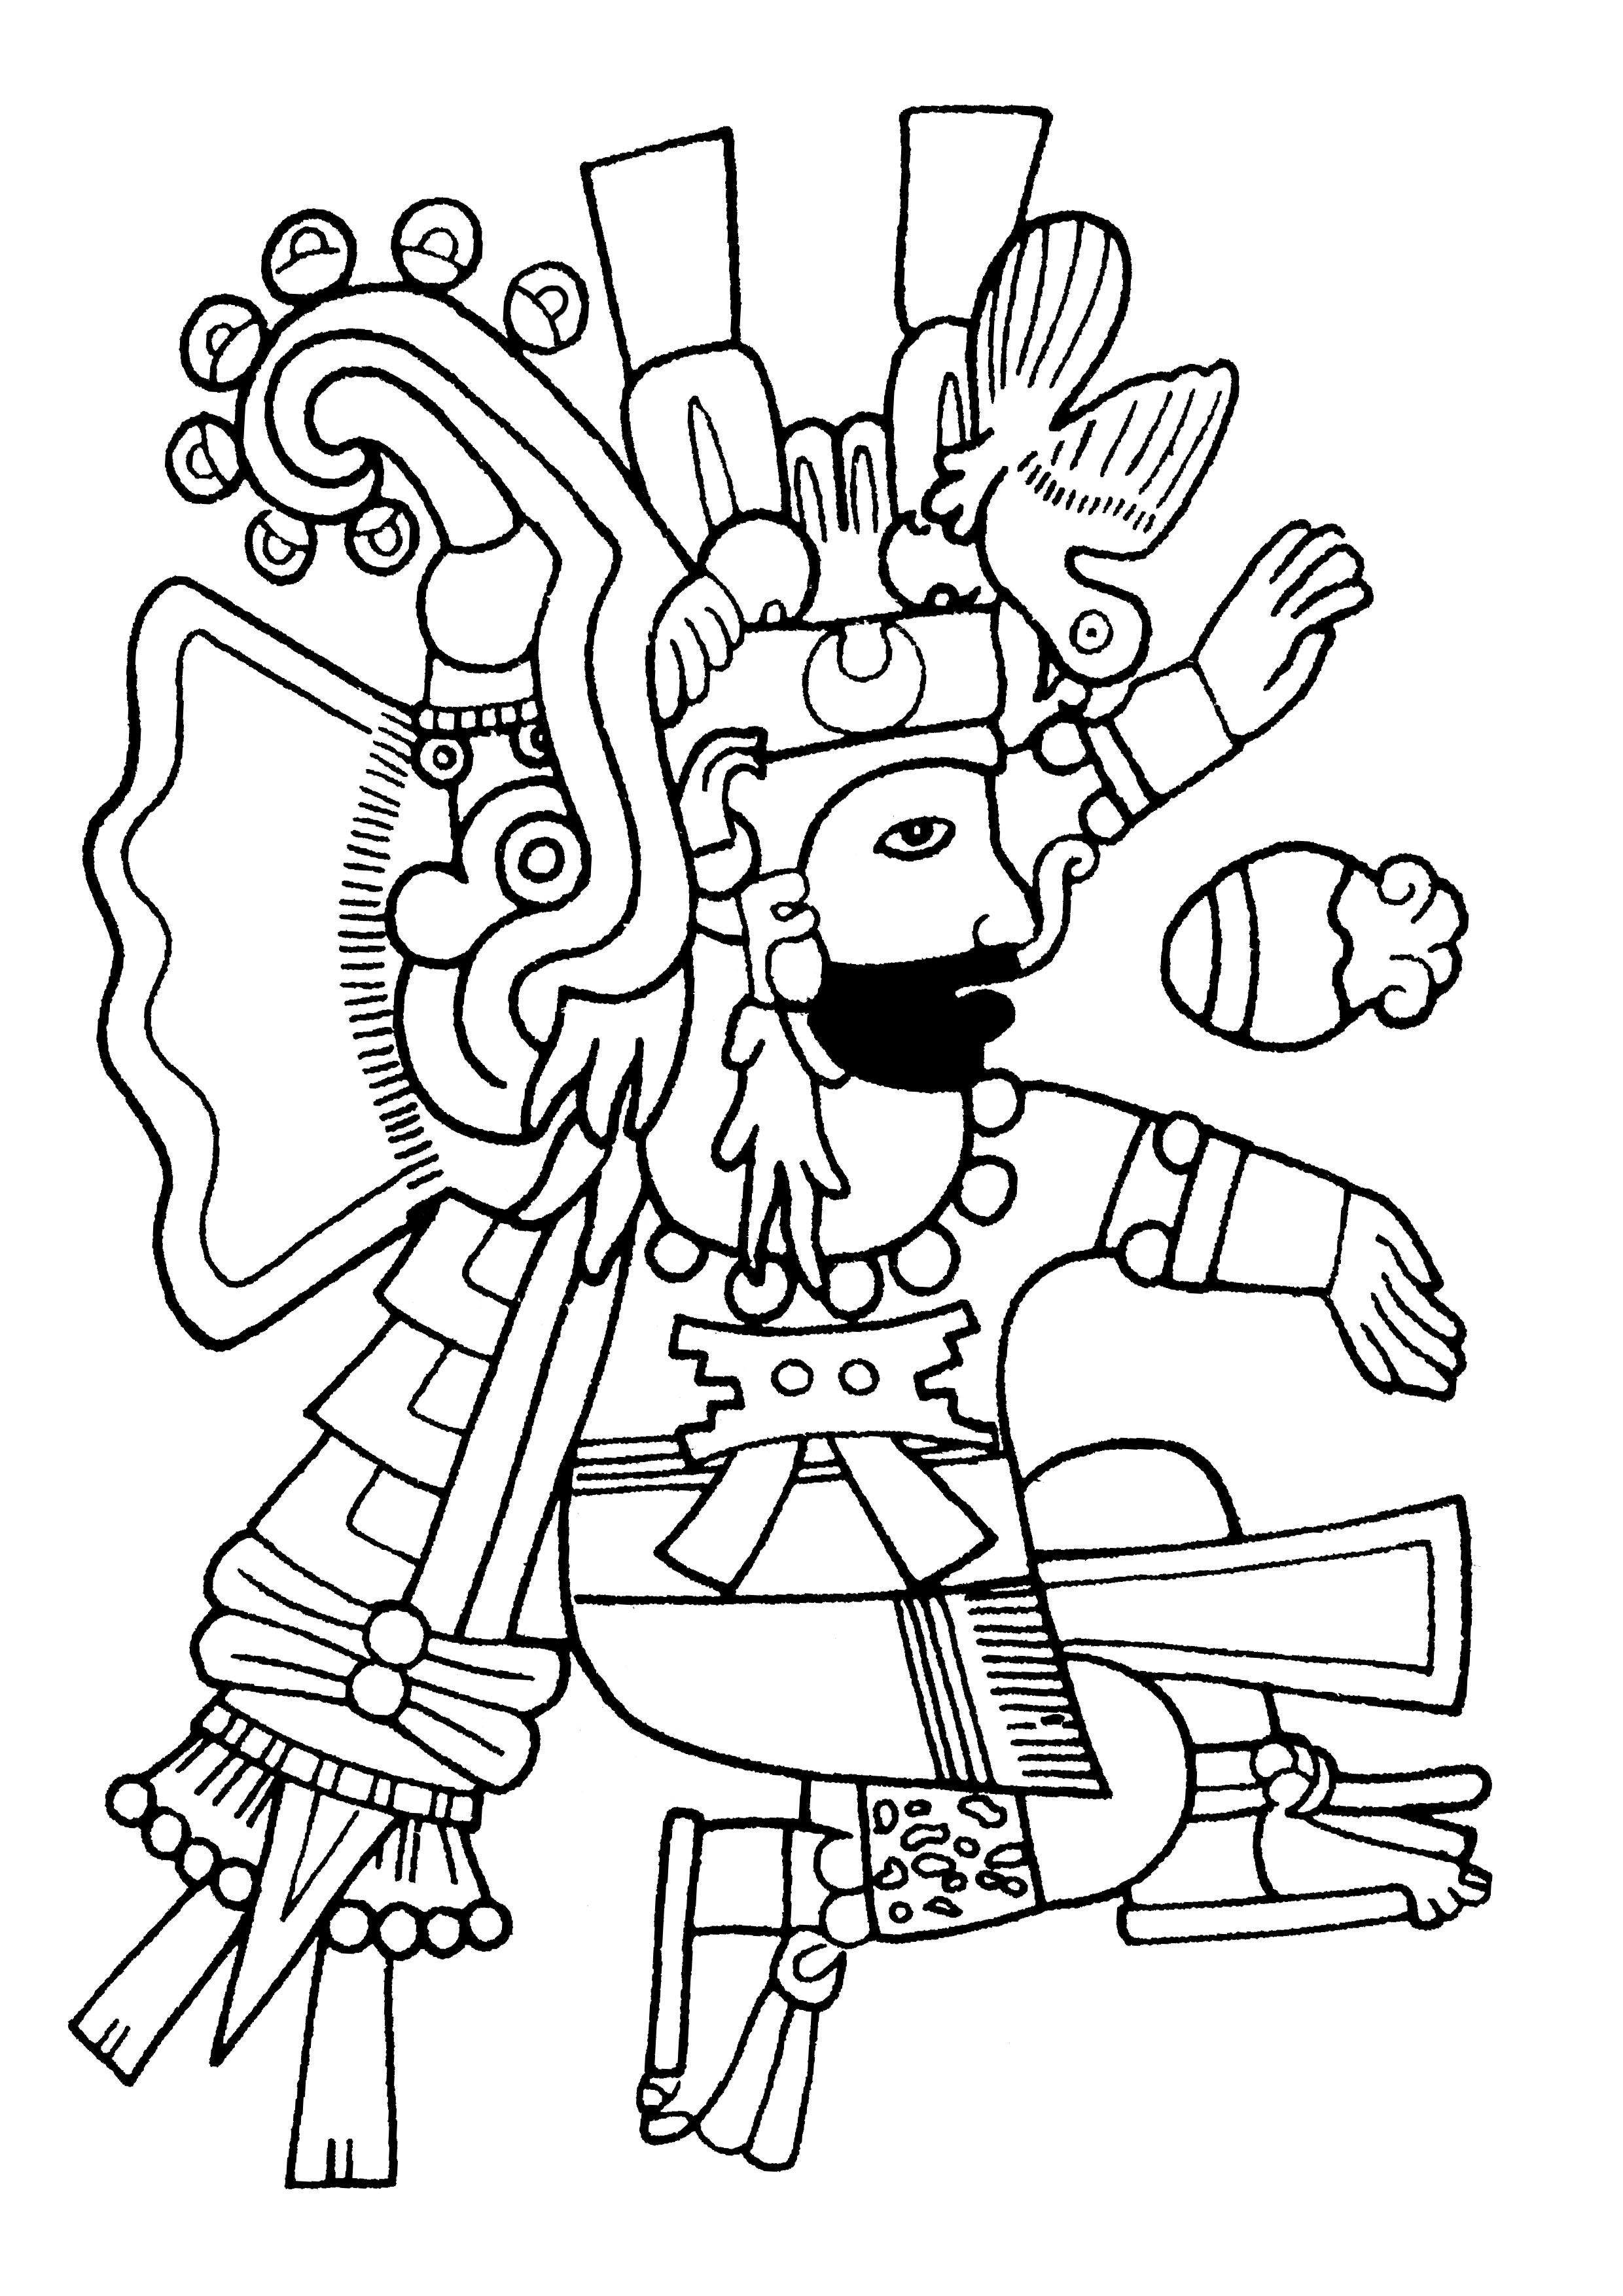 Mayas aztecas e incas 64429 - Mayas, Aztecas e Incas - Colorear para ...